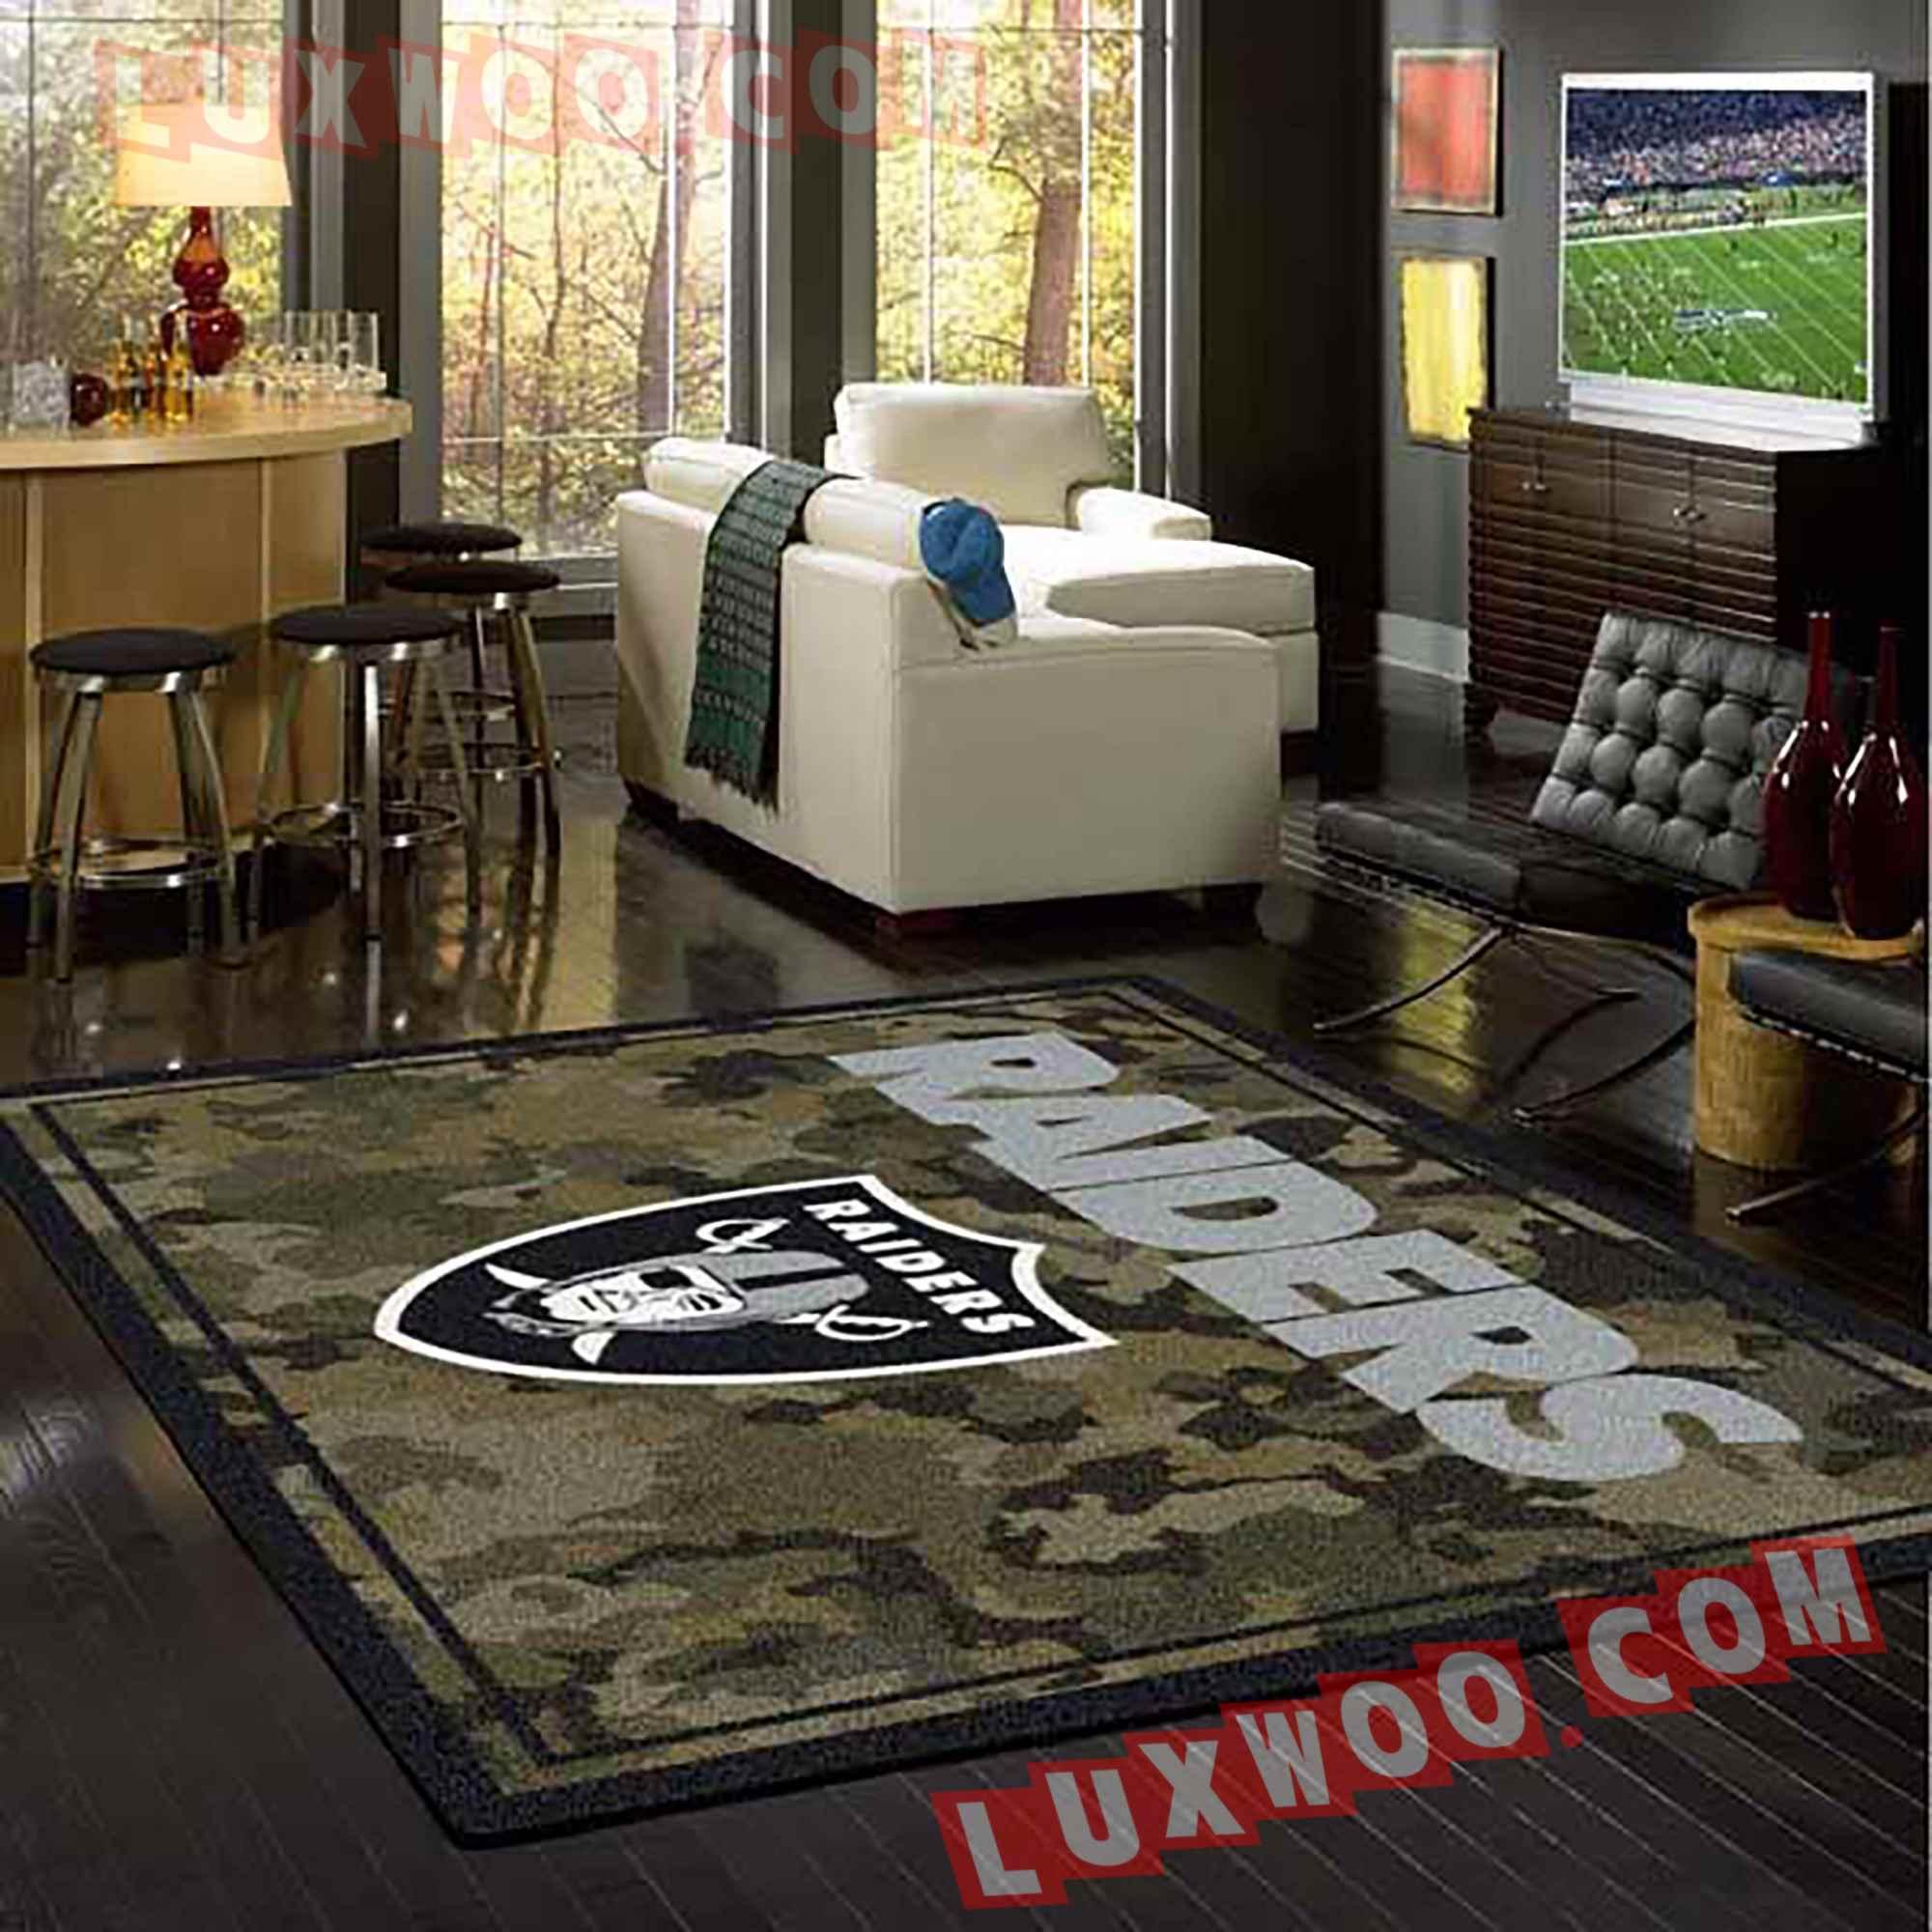 Oakland Raiders Nfl 3d Living Room Rugs V11